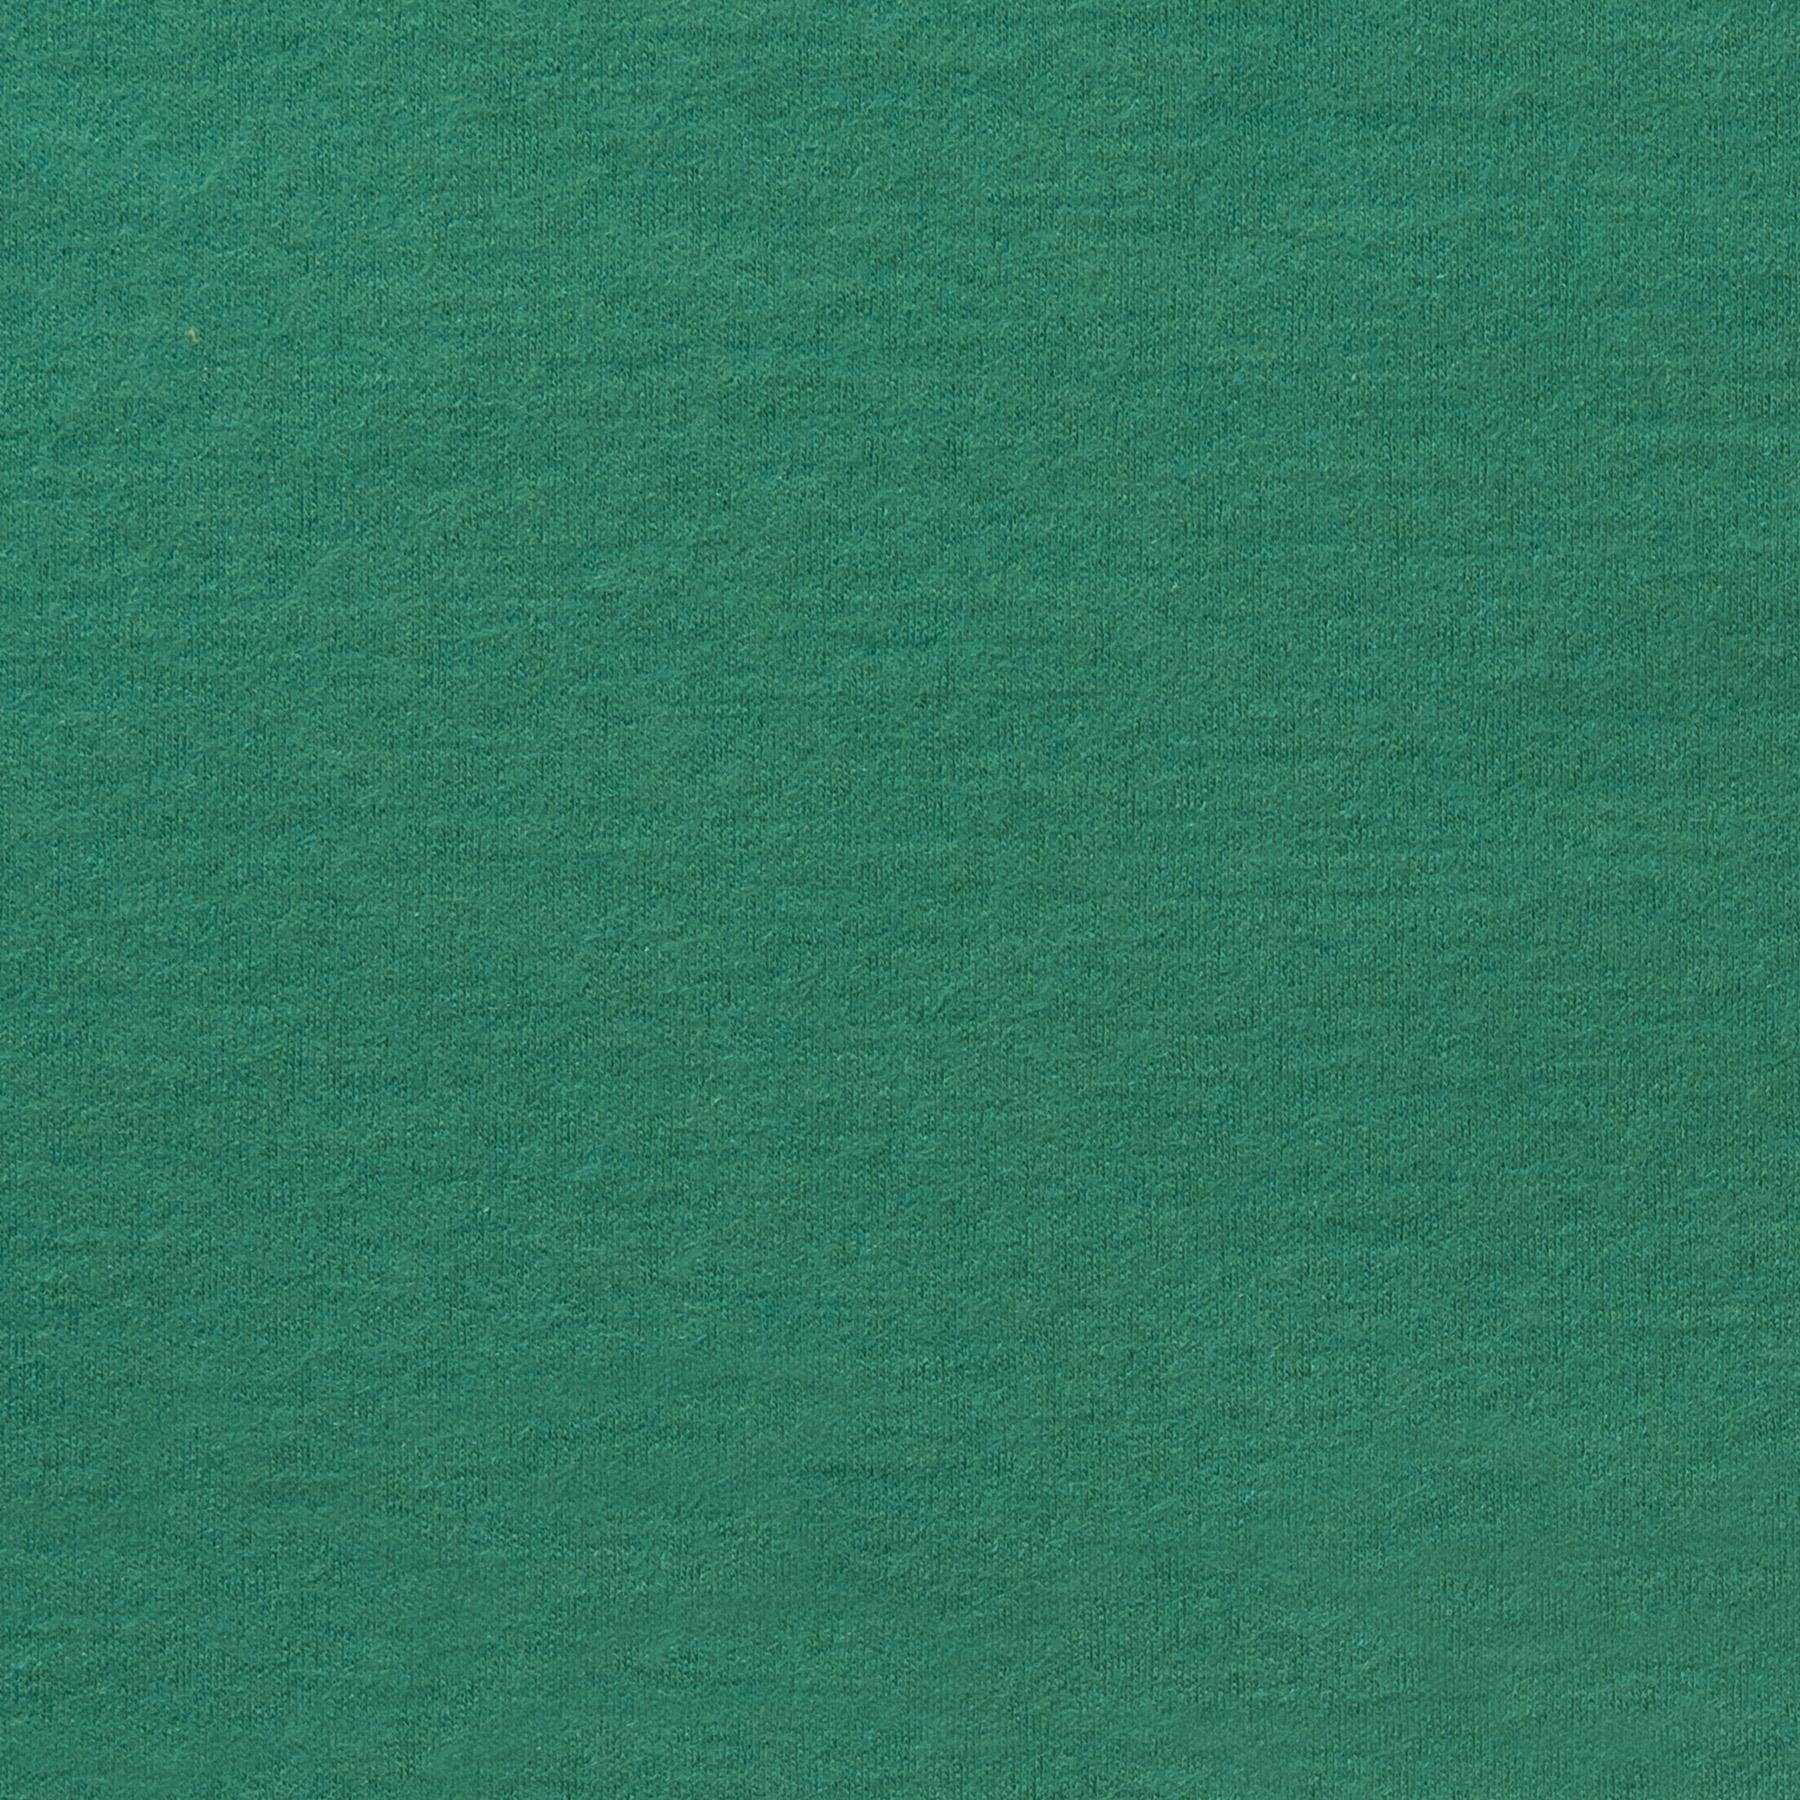 Schurwolle Jersey türkis grün